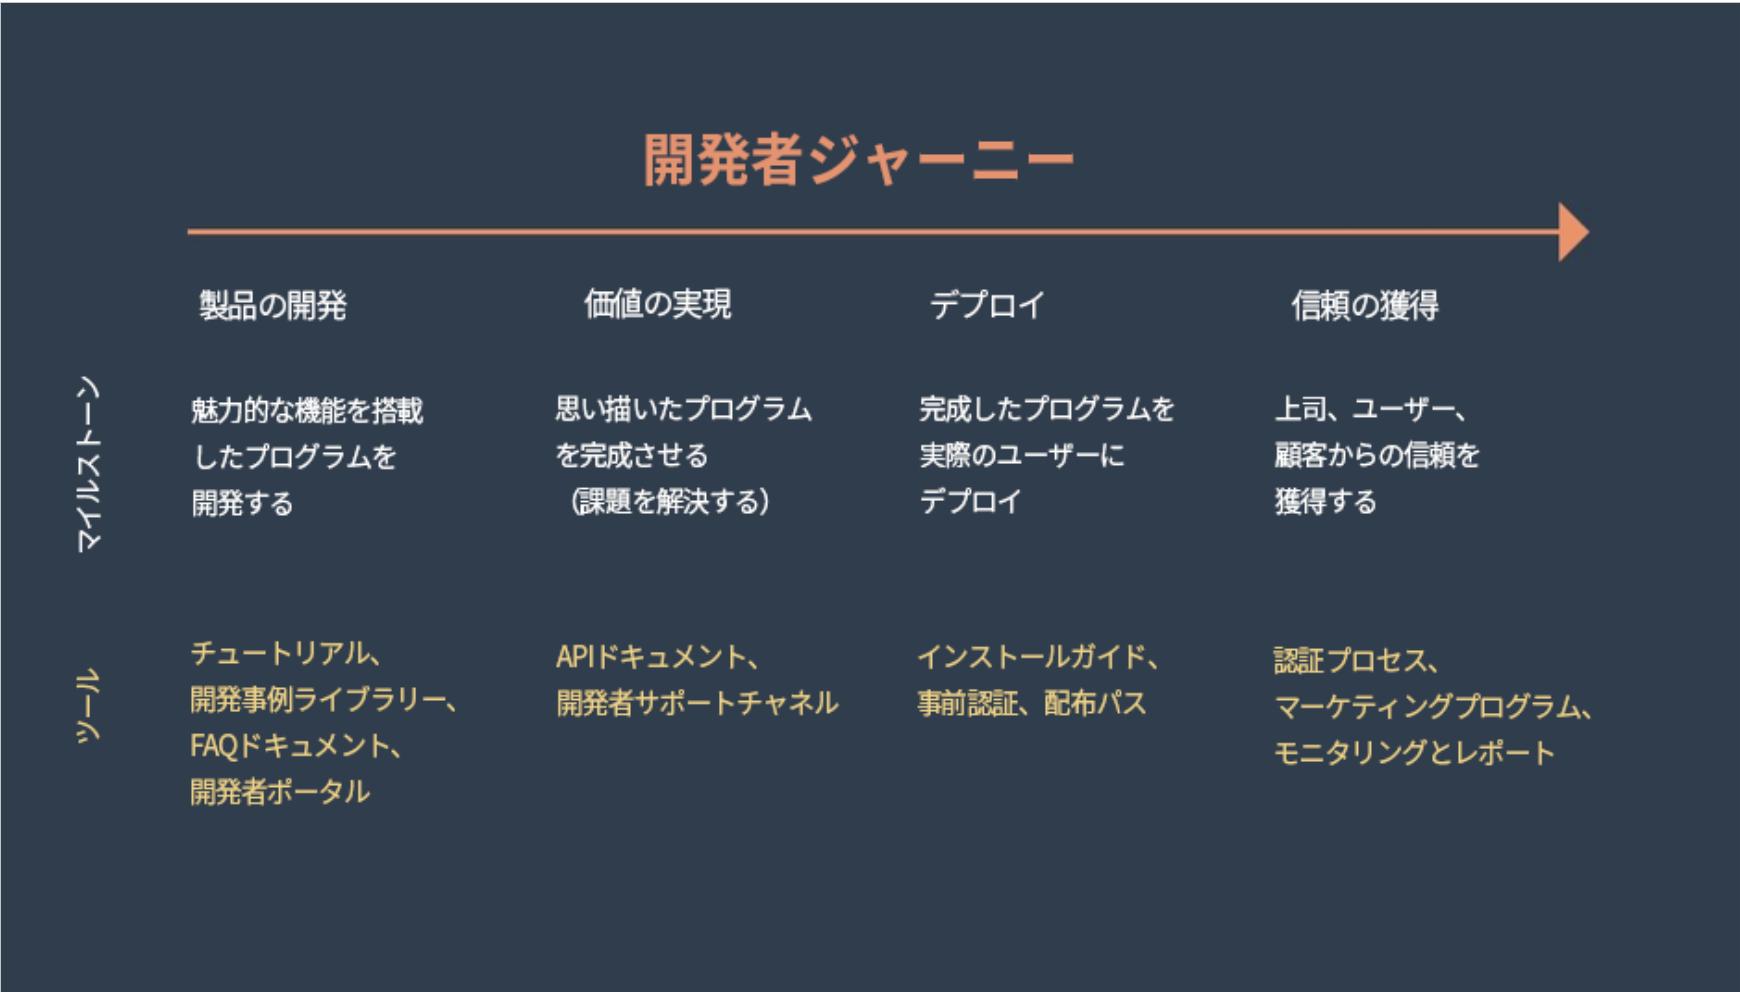 スクリーンショット 2019-04-10 18.49.26